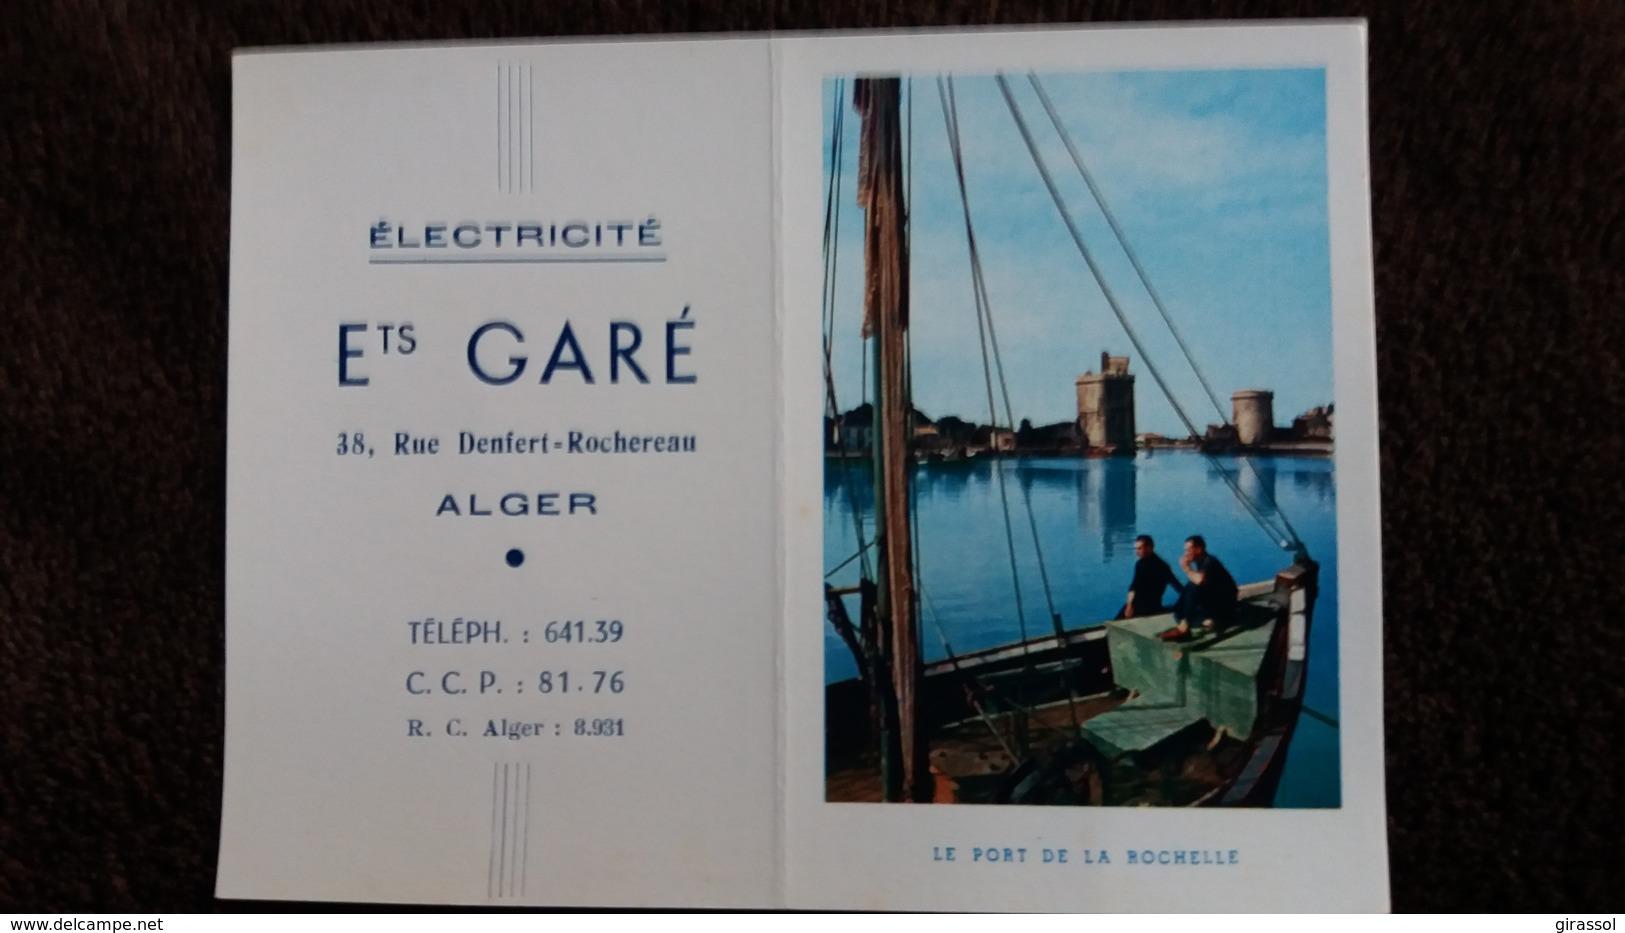 CALENDRIER POCHE 1958 ELECTRICITE ETS GARE ALGER RUE DENFERT ROCHEREAU VUE DU PORT DE LA ROCHELLE - Calendriers